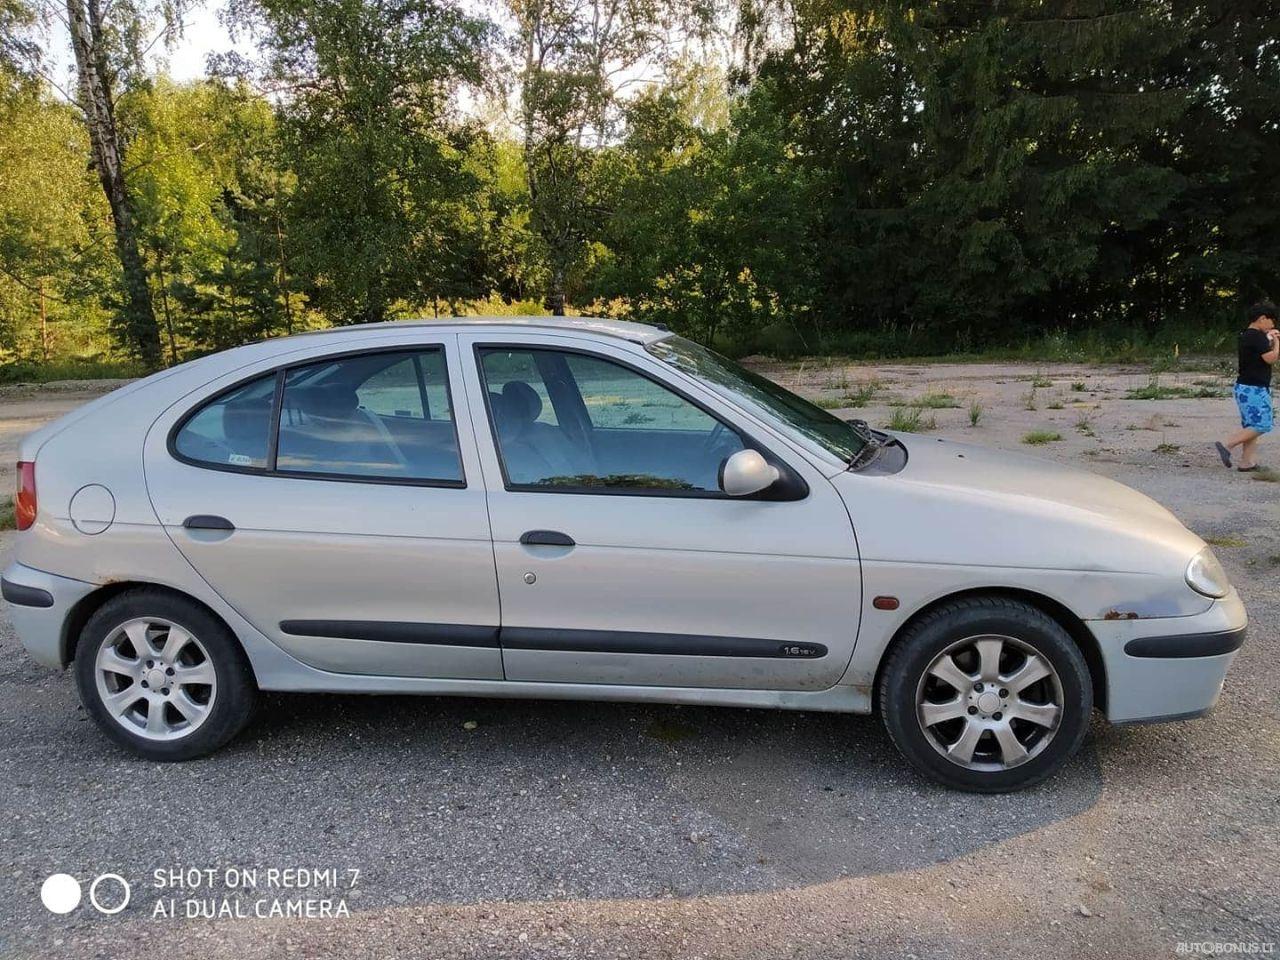 Renault Megane, sedanas